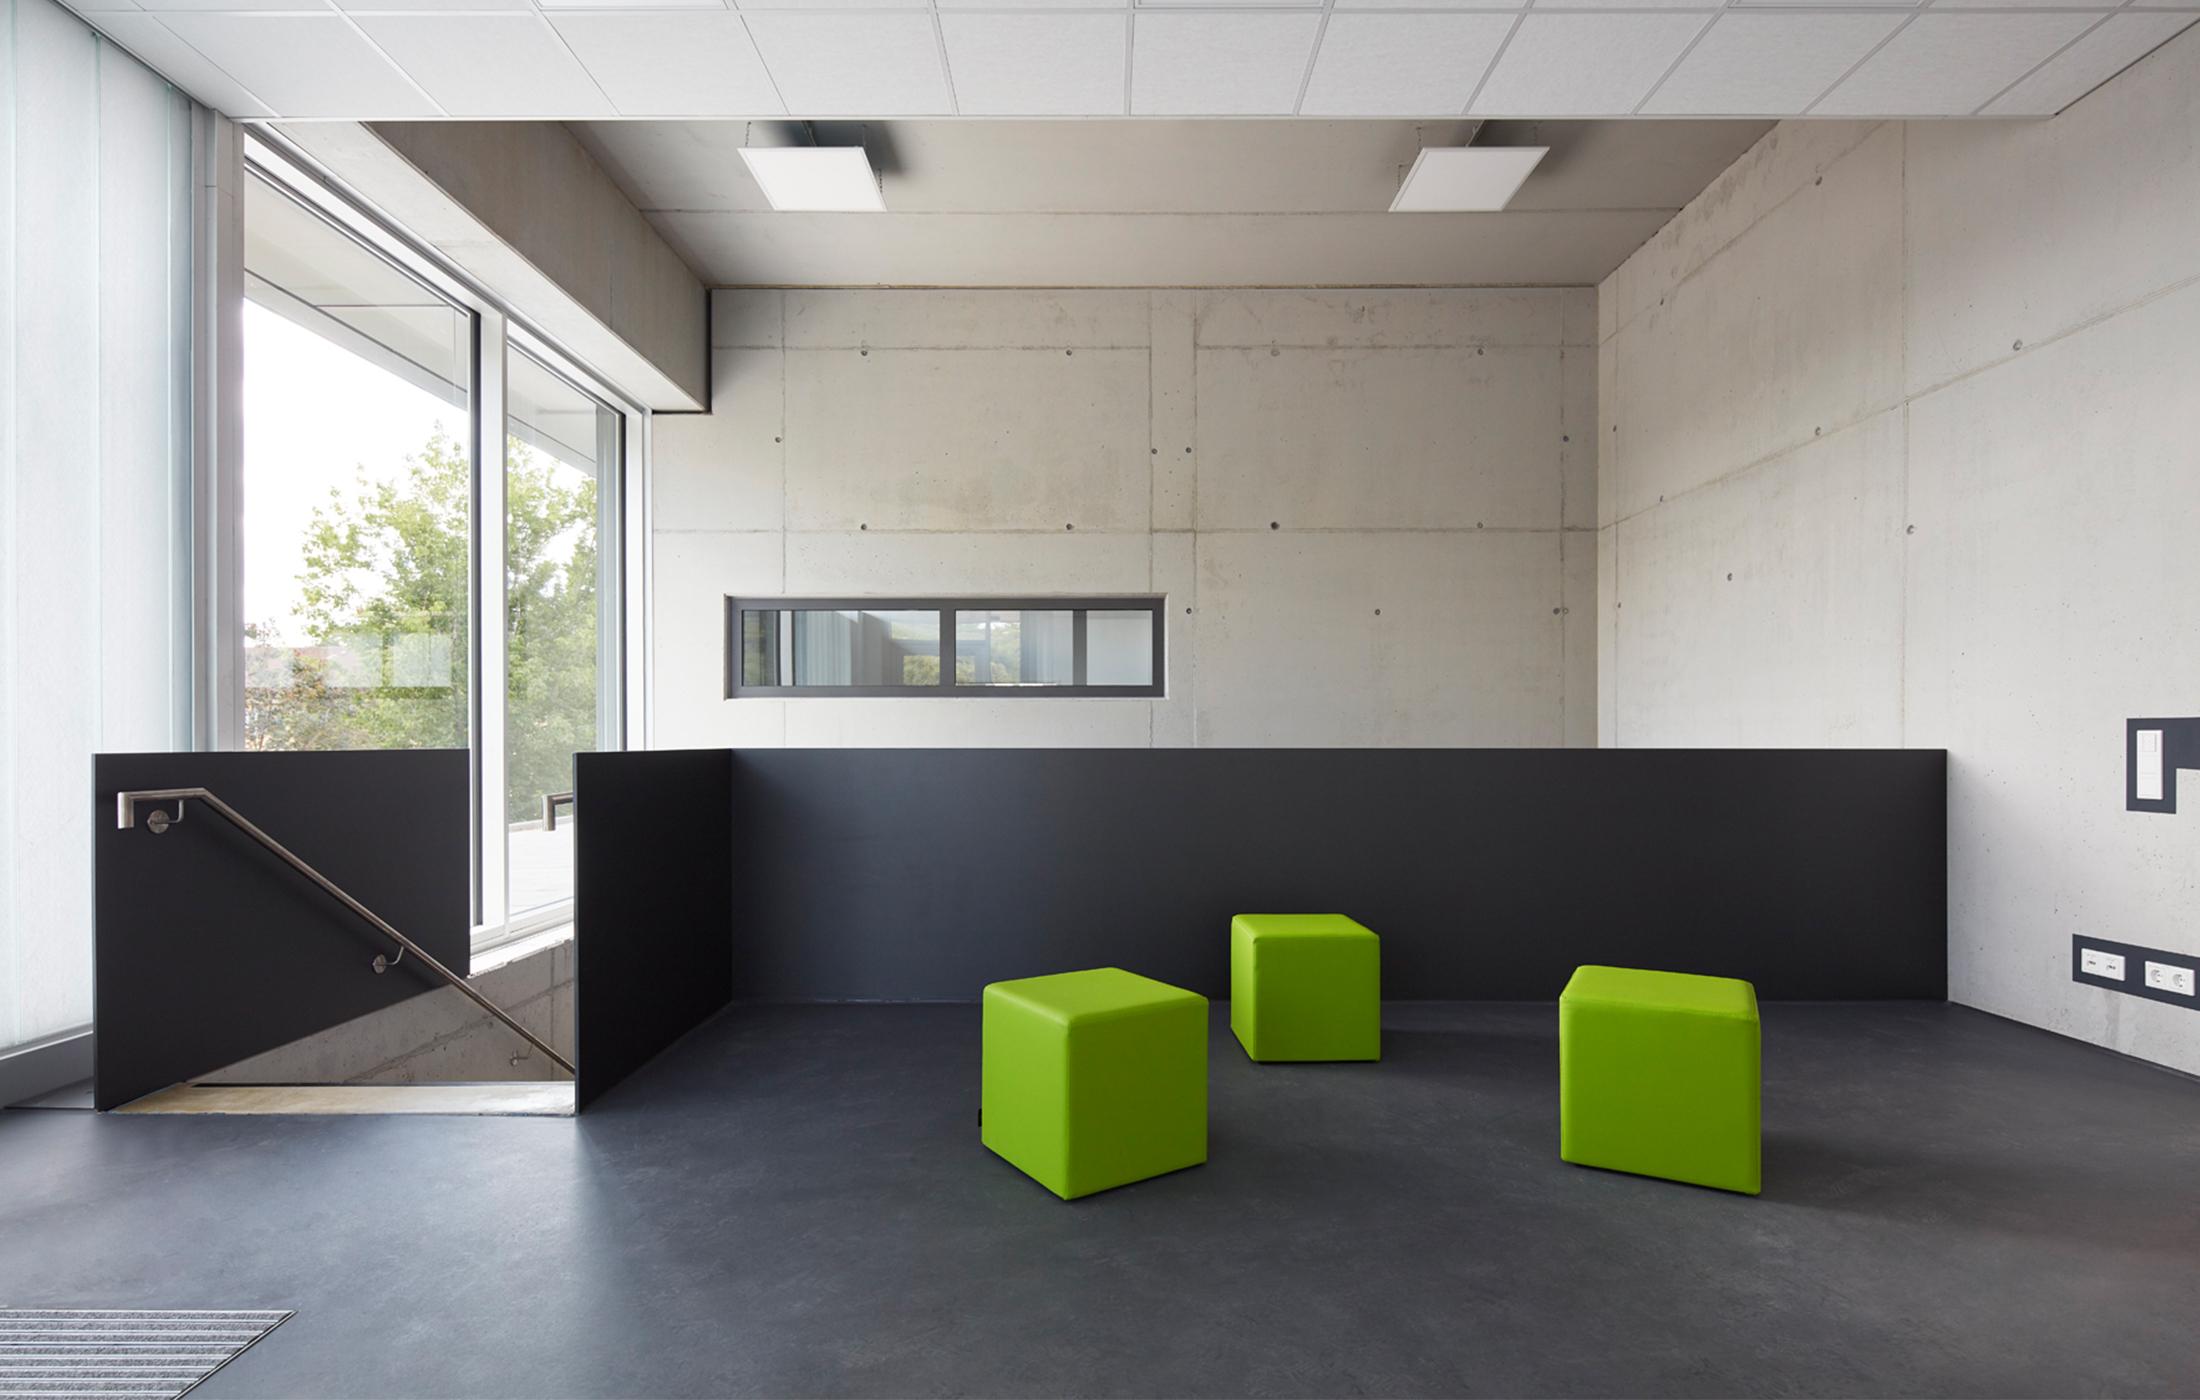 2018, Neubau Werk- und Ausbildungsstätte für Sehbehinderte Nikolauspflege, Stuttgart